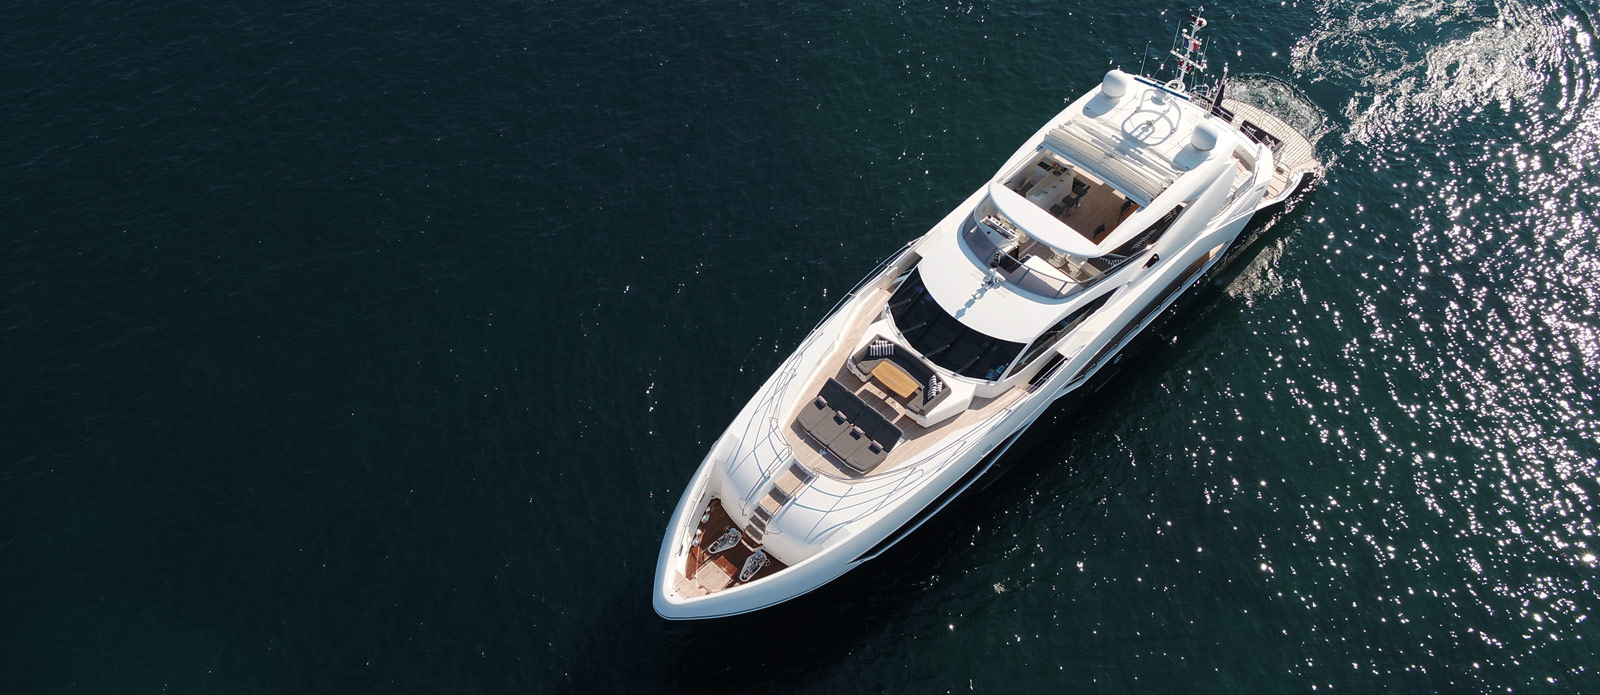 Sunseeker-115-Sport-Yacht-Zulu-Overhead-View